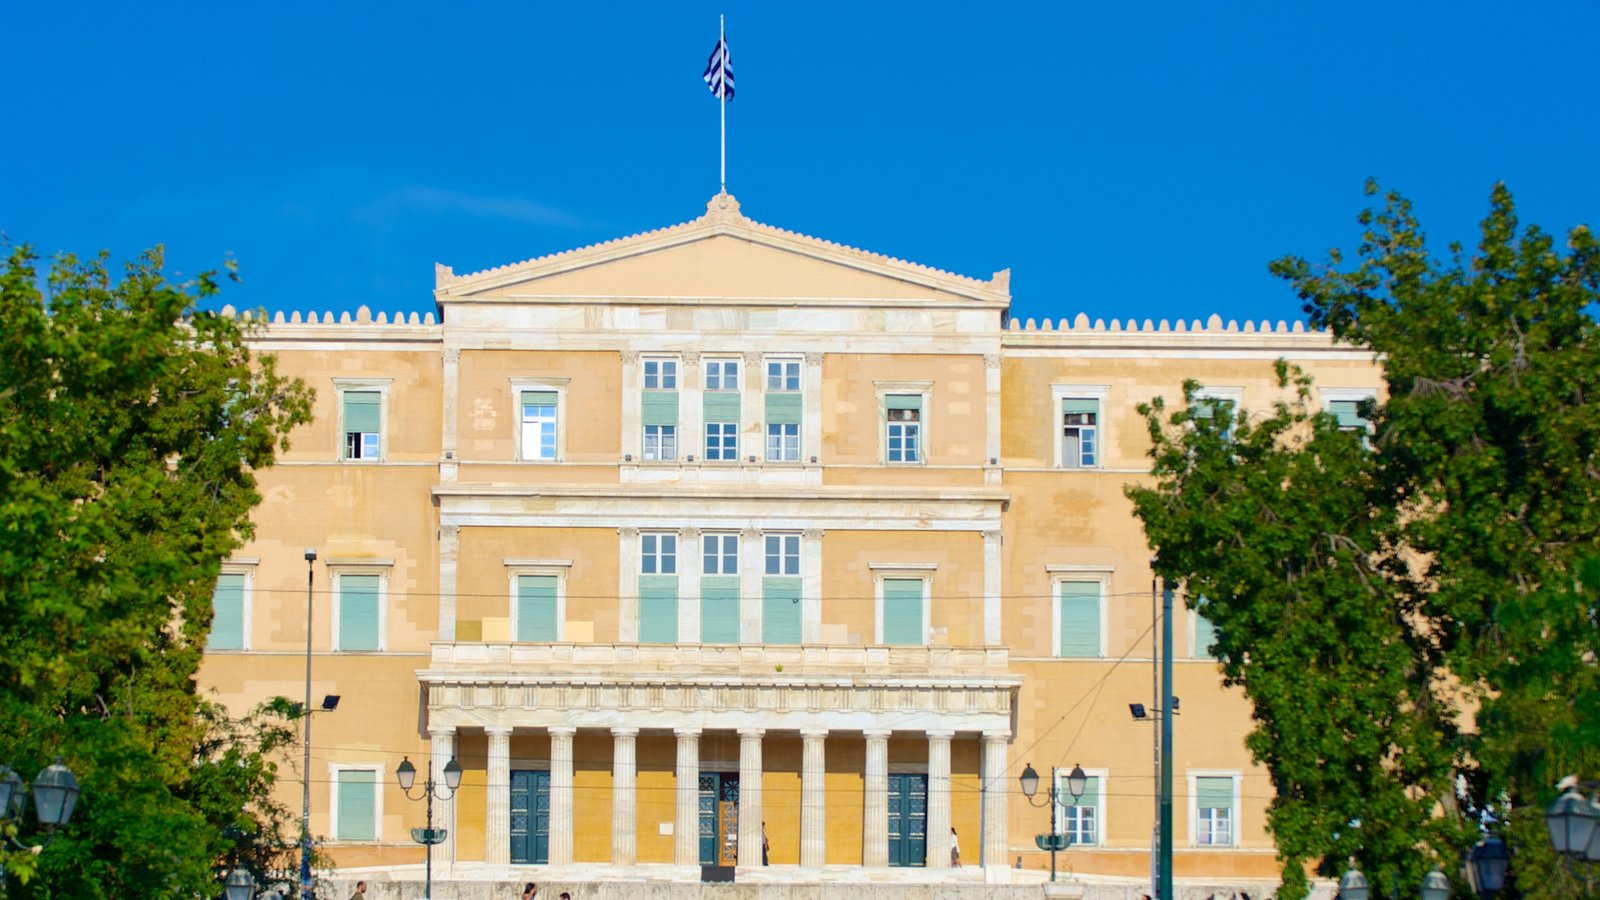 Syntagma Square que inclui cenas de rua, um edifício administrativo e uma cidade